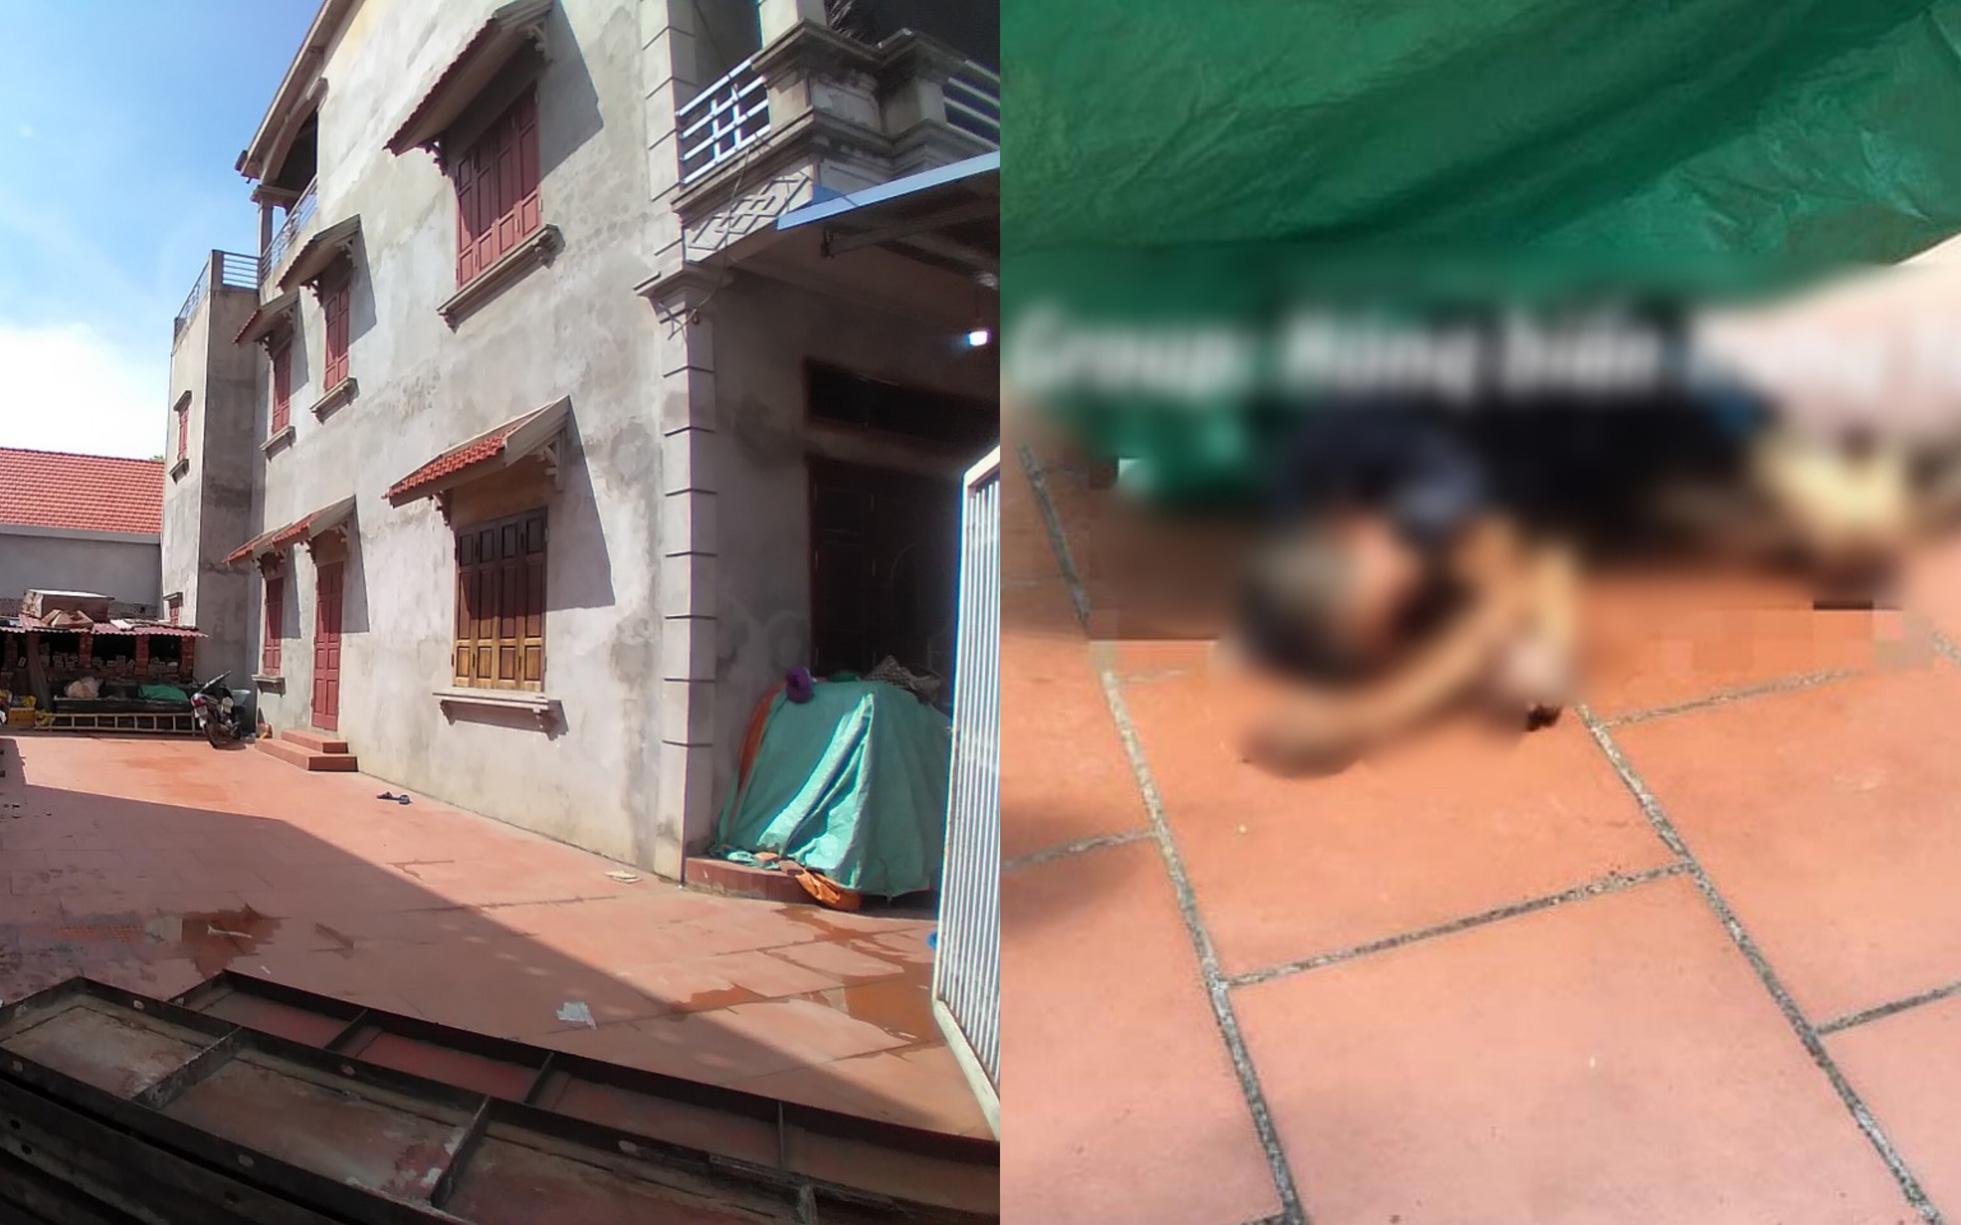 Vụ ông ngoại chém cháu tử vong ở Hưng Yên: Gia đình cố mãi mới sinh được cháu bé, bố nạn nhân vẫn đang phải cách ly y tế